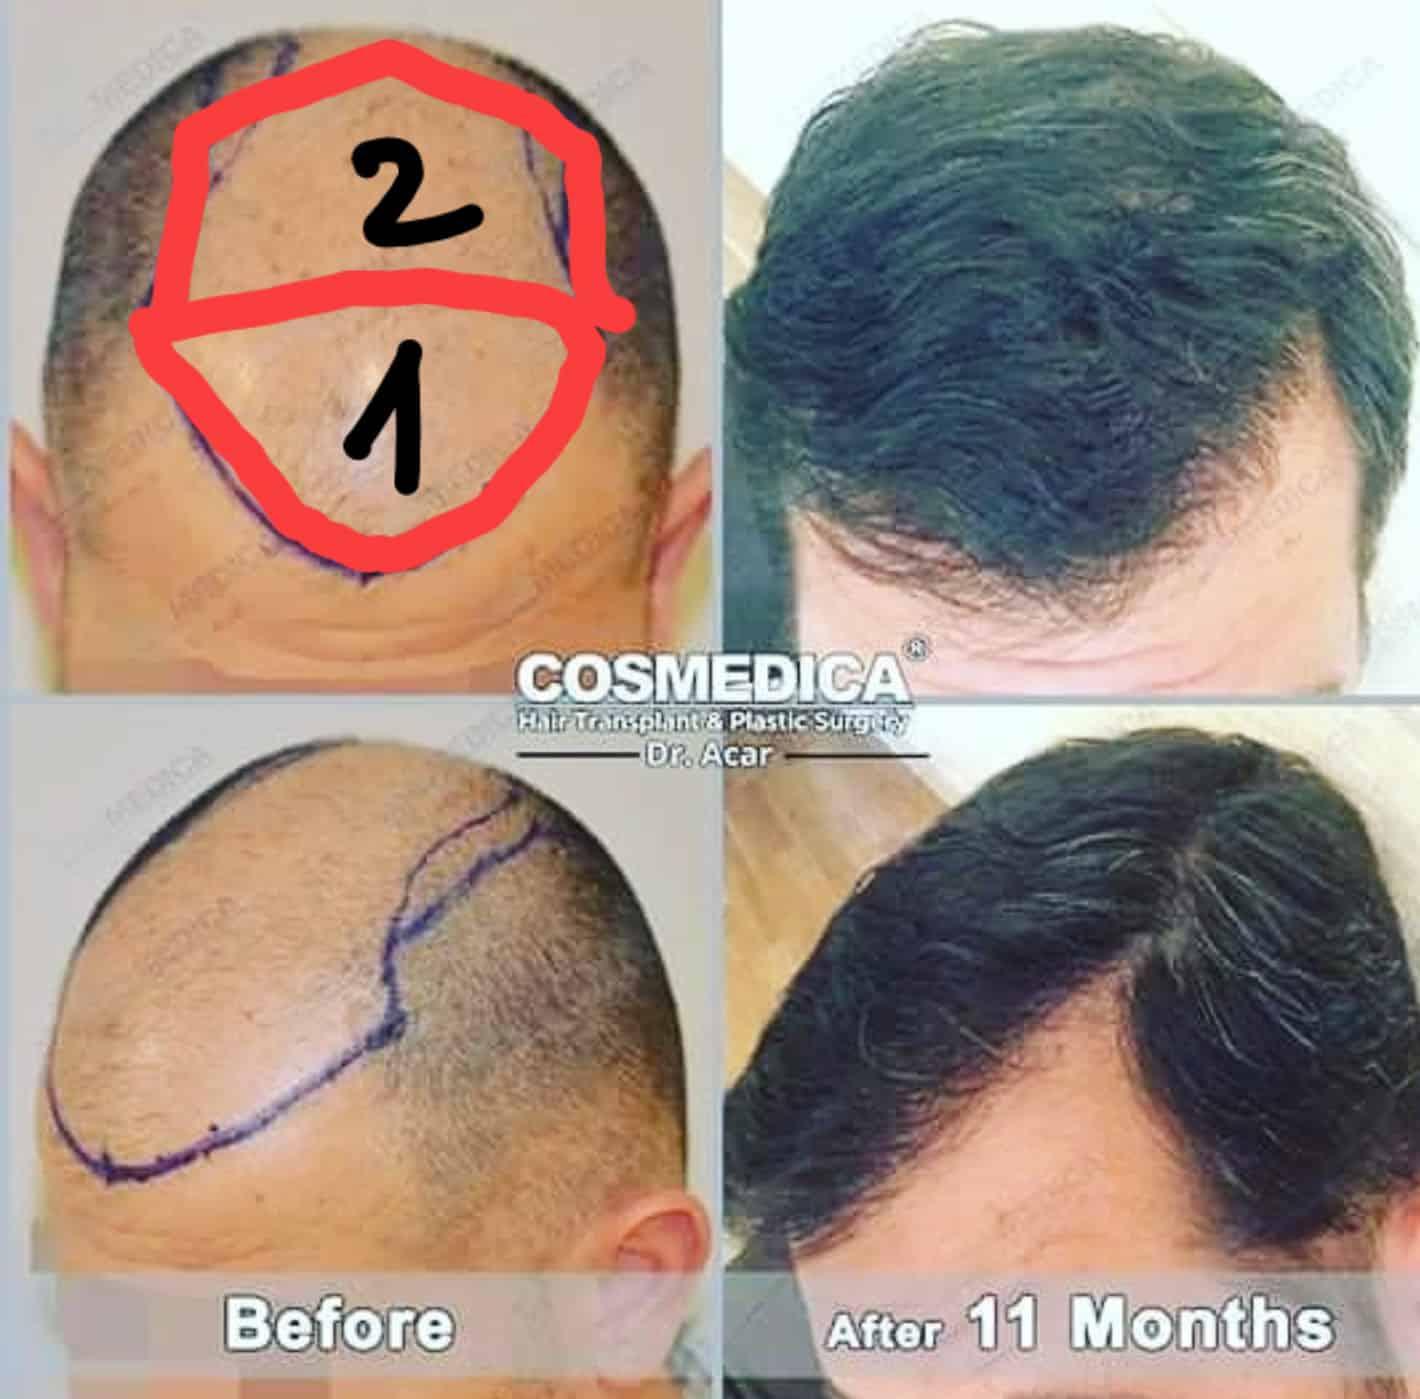 תמונות לפני ואחרי השתלת שיער בטורקיה של גבר עם כמות זקיקים קטנה